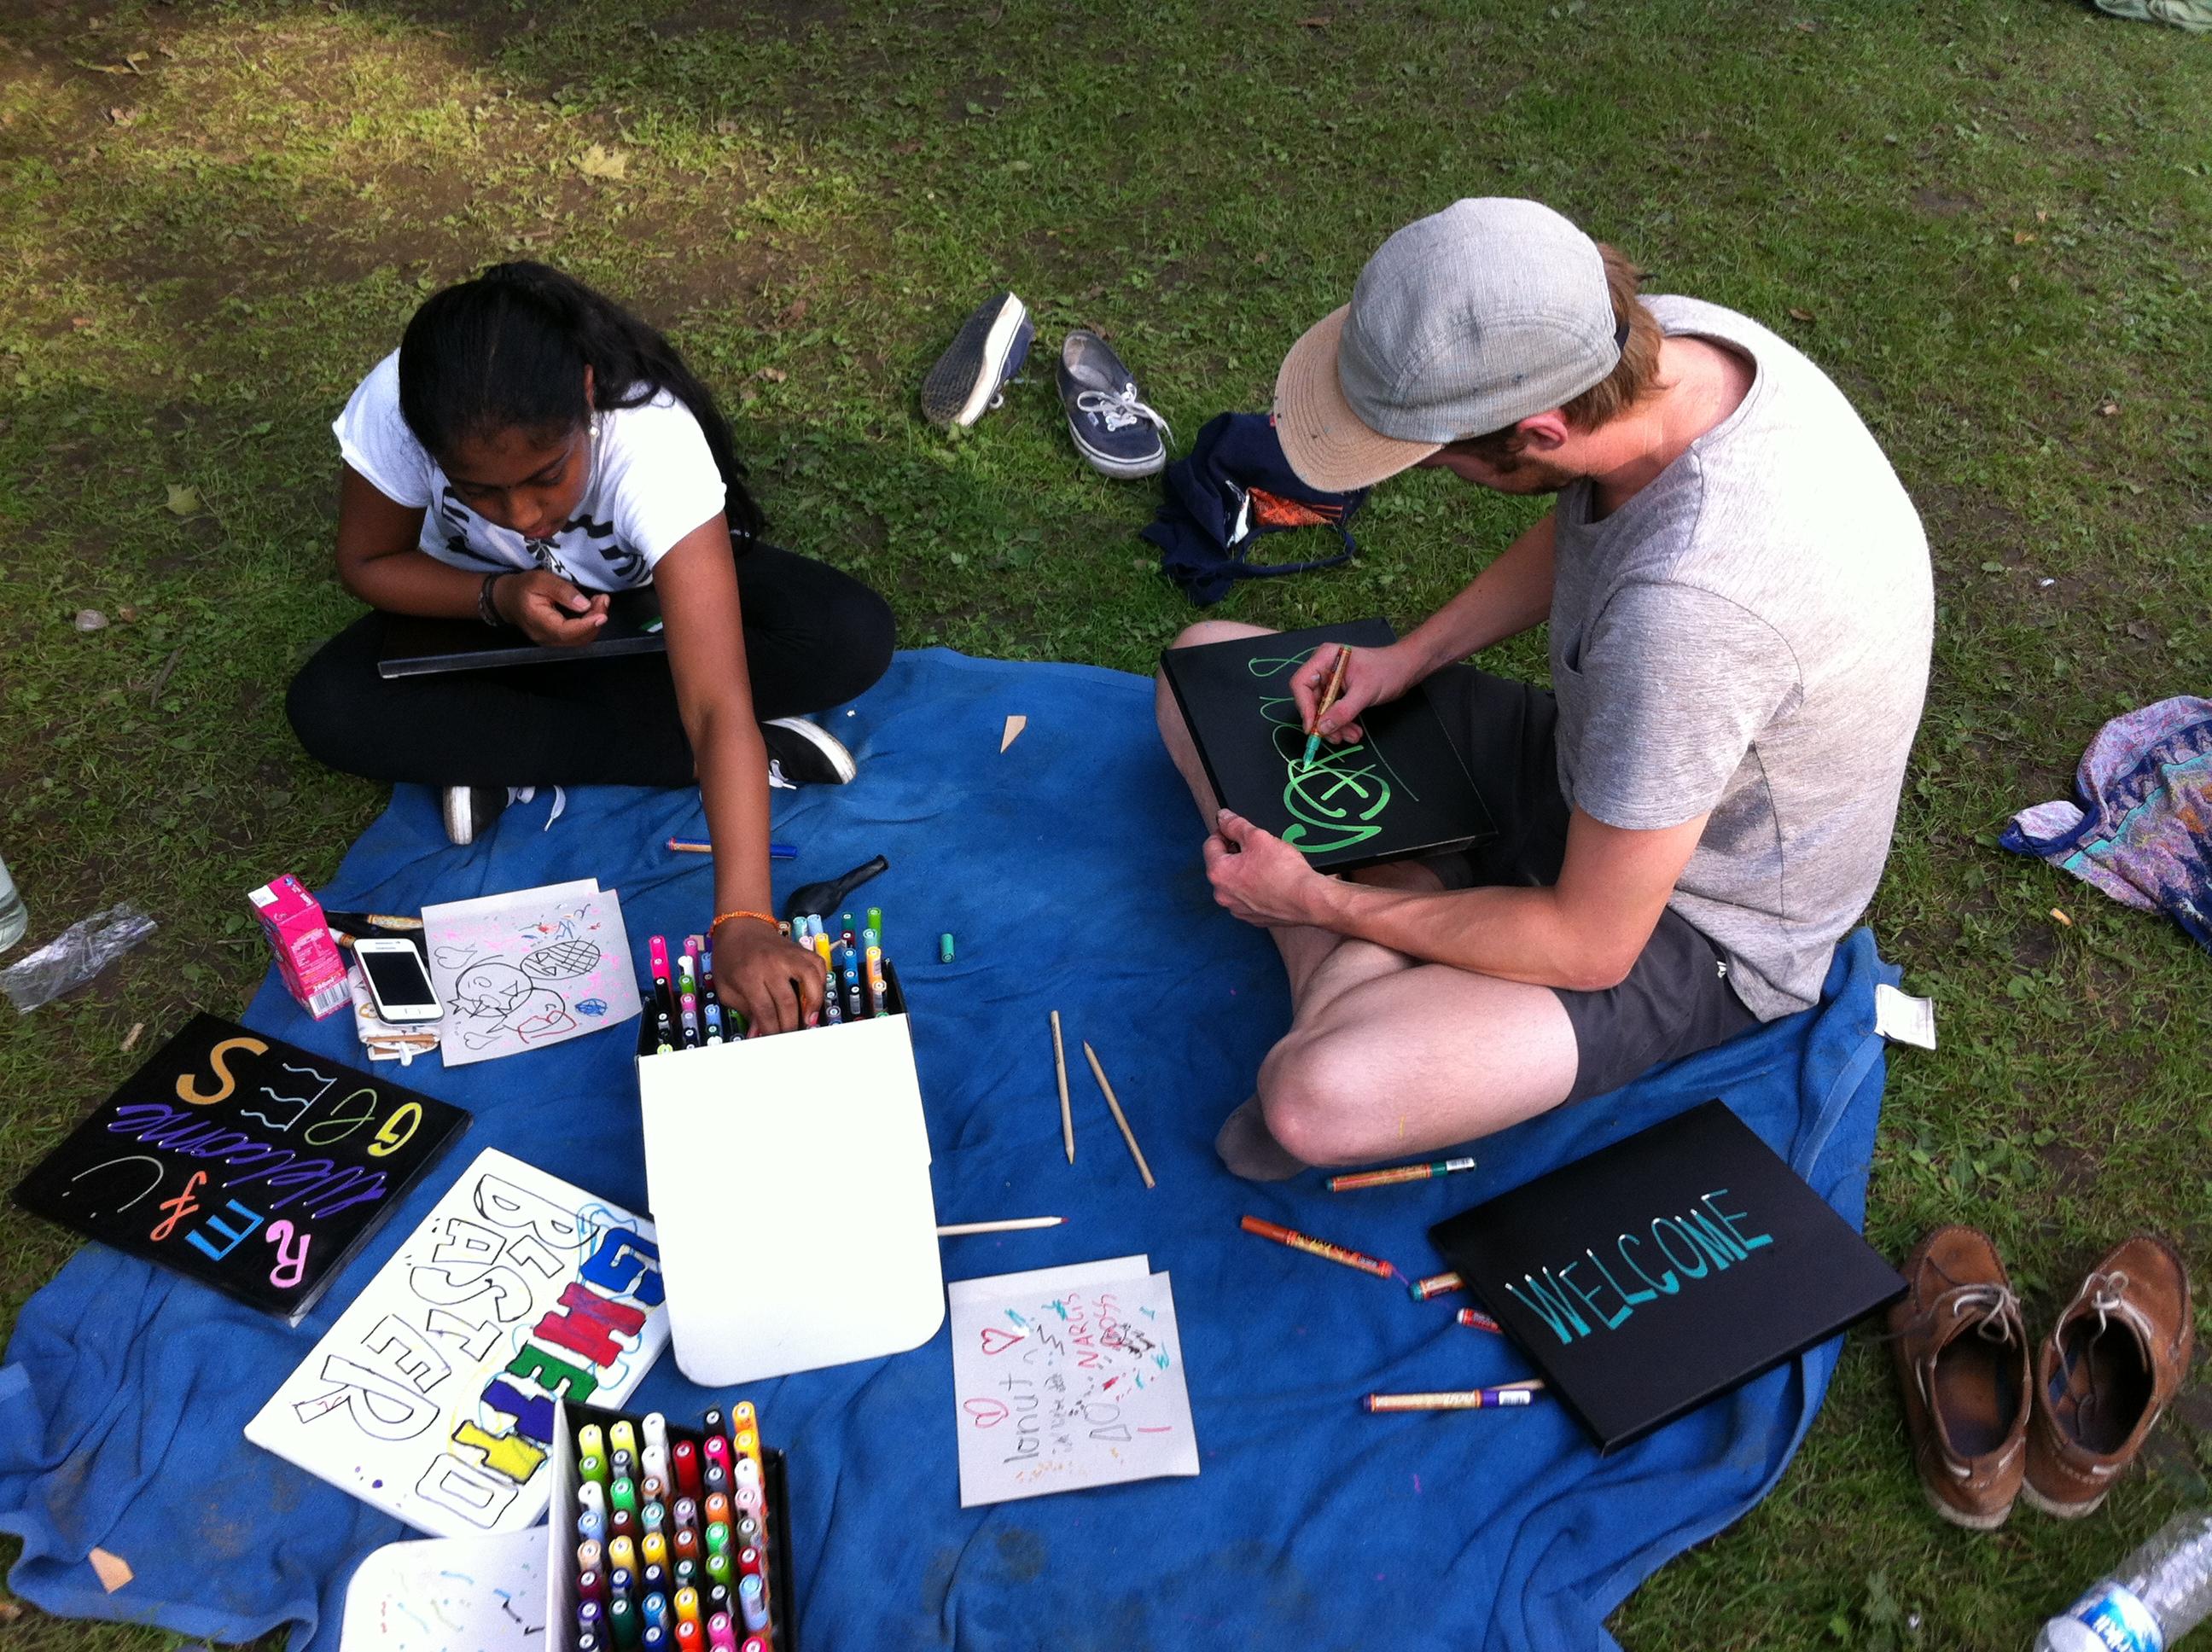 Leinwand-Workshop auf dem Willkommens- und Begegnungsfest im Westpark